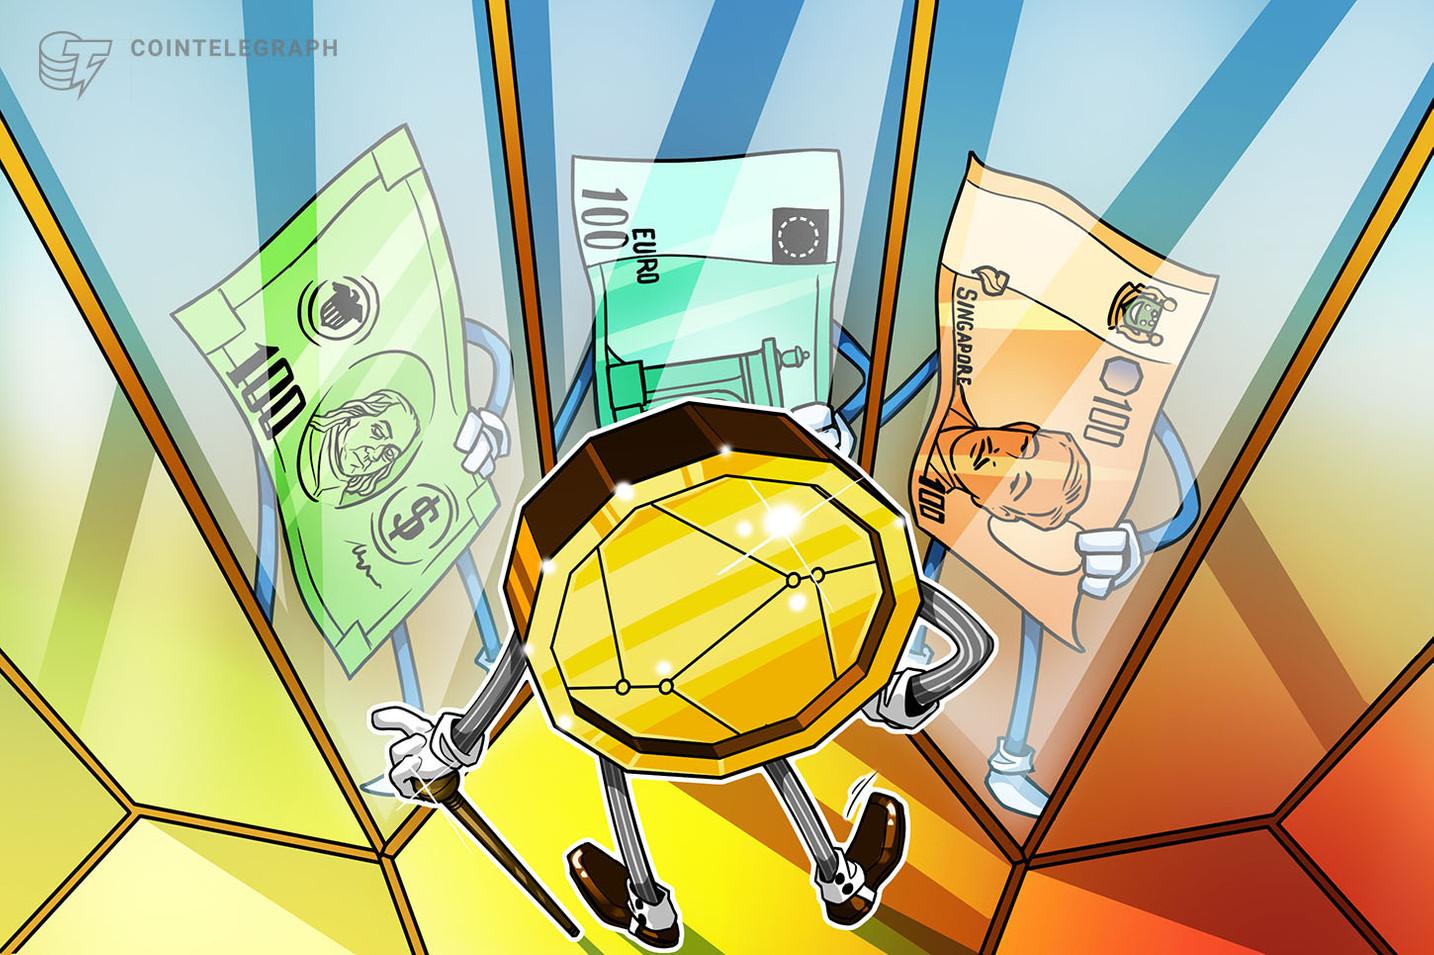 Stablecoins present new dilemmas for regulators as mass adoption looms